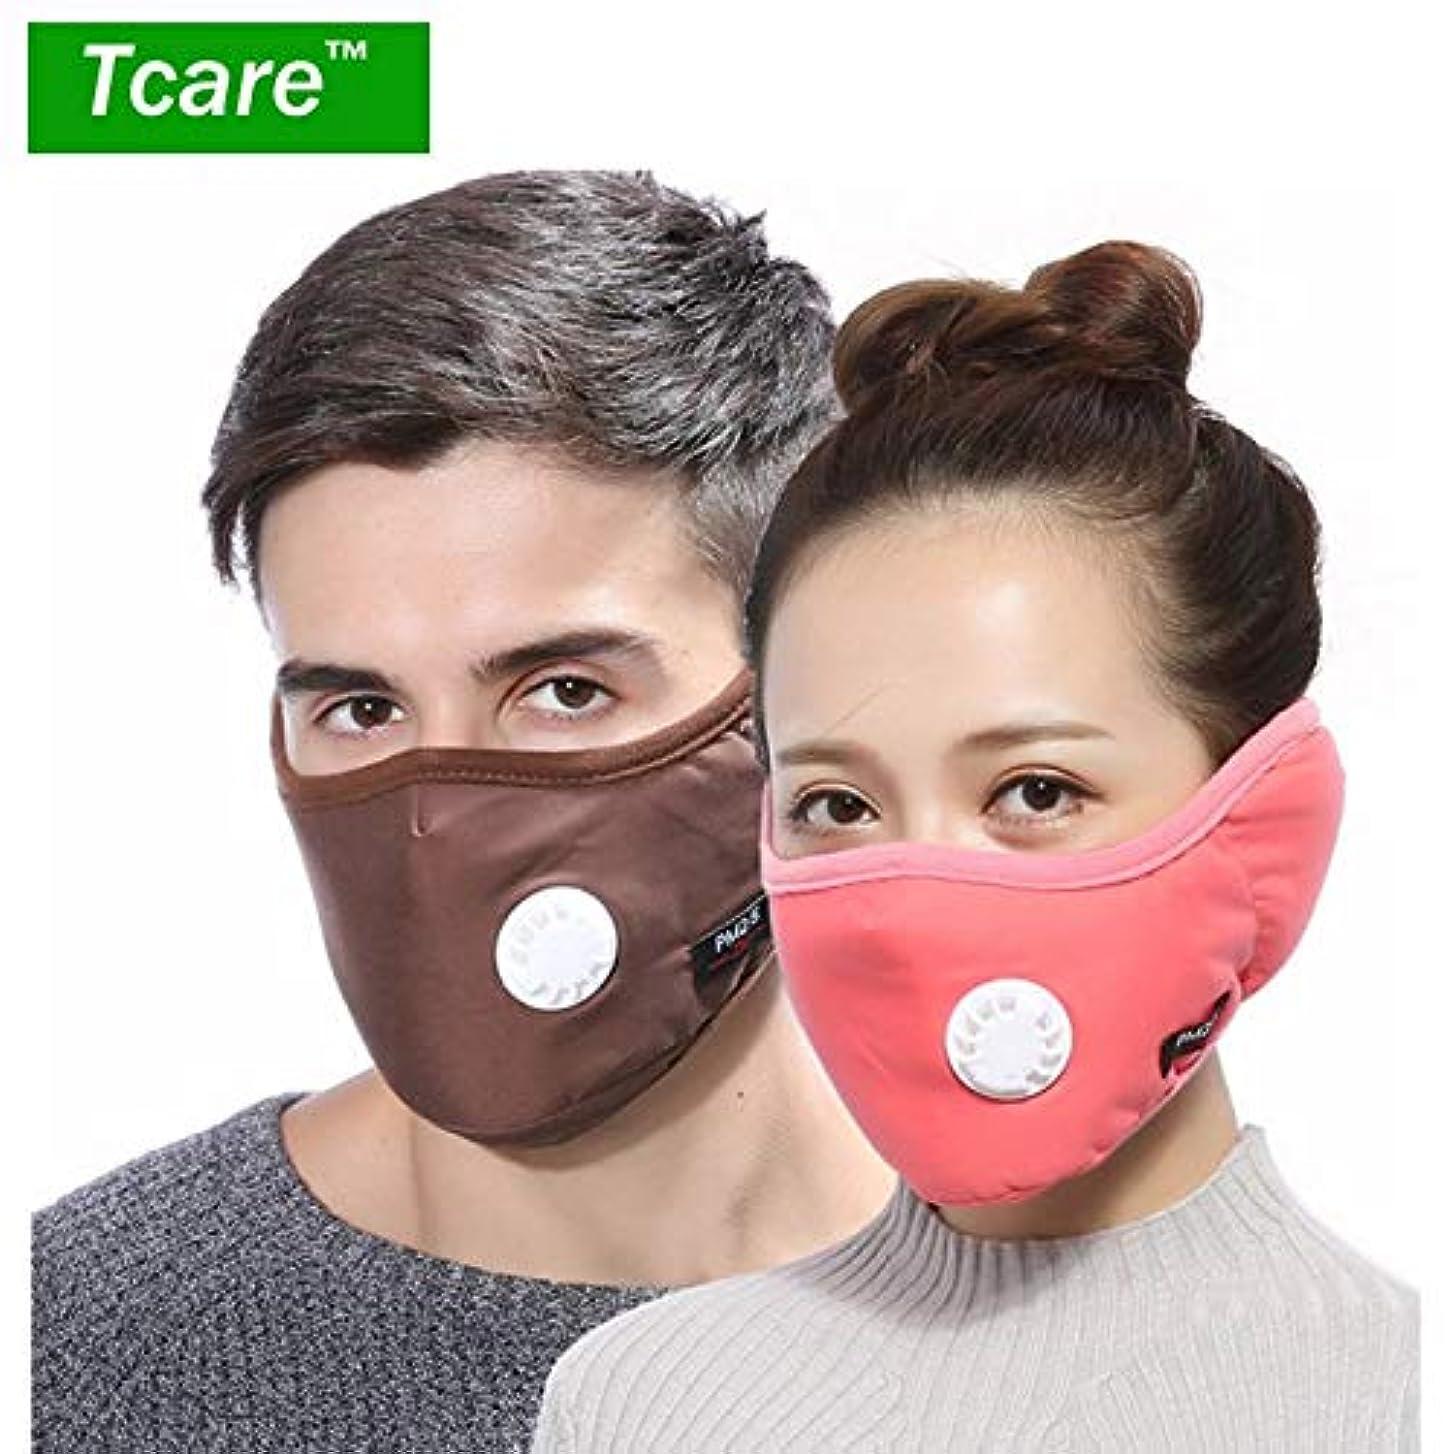 ローマ人不適切なコンプライアンス7グレー:1 PM2.5マスクバルブコットンアンチダスト口マスクの冬のイヤーマフActtedフィルター付マスクでTcare 2